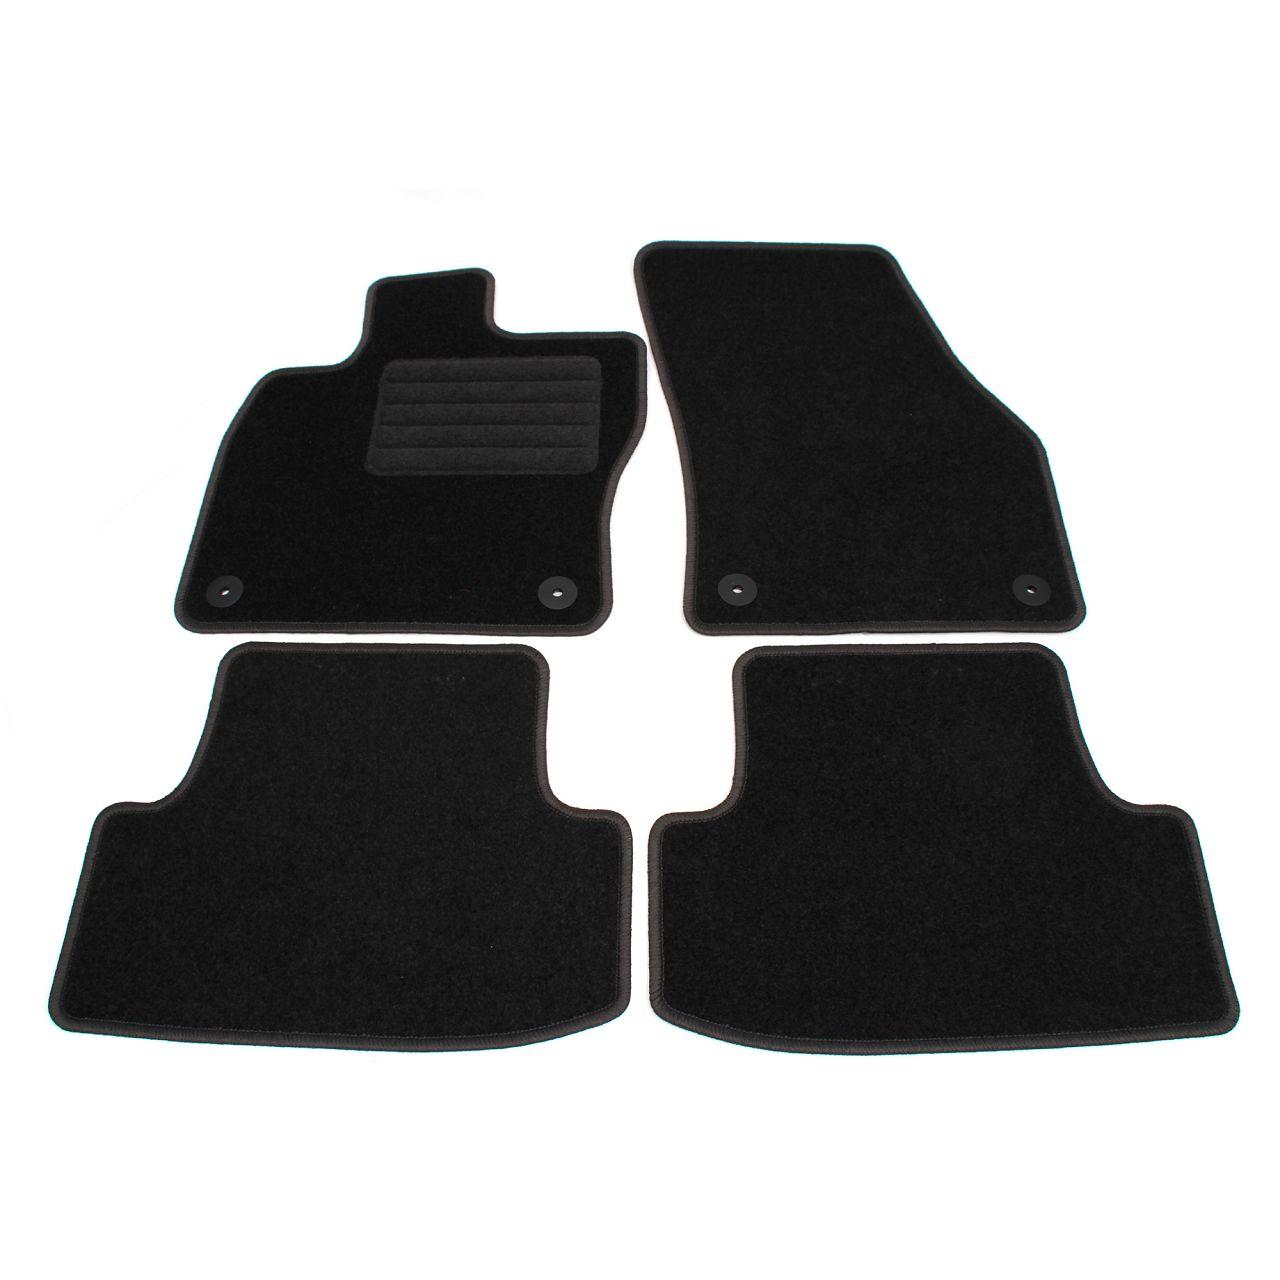 SCHÖNEK Veloursmatten Textilmatten Fußmatten CUPRA / SEAT Ateca (KH7) 4-teilig